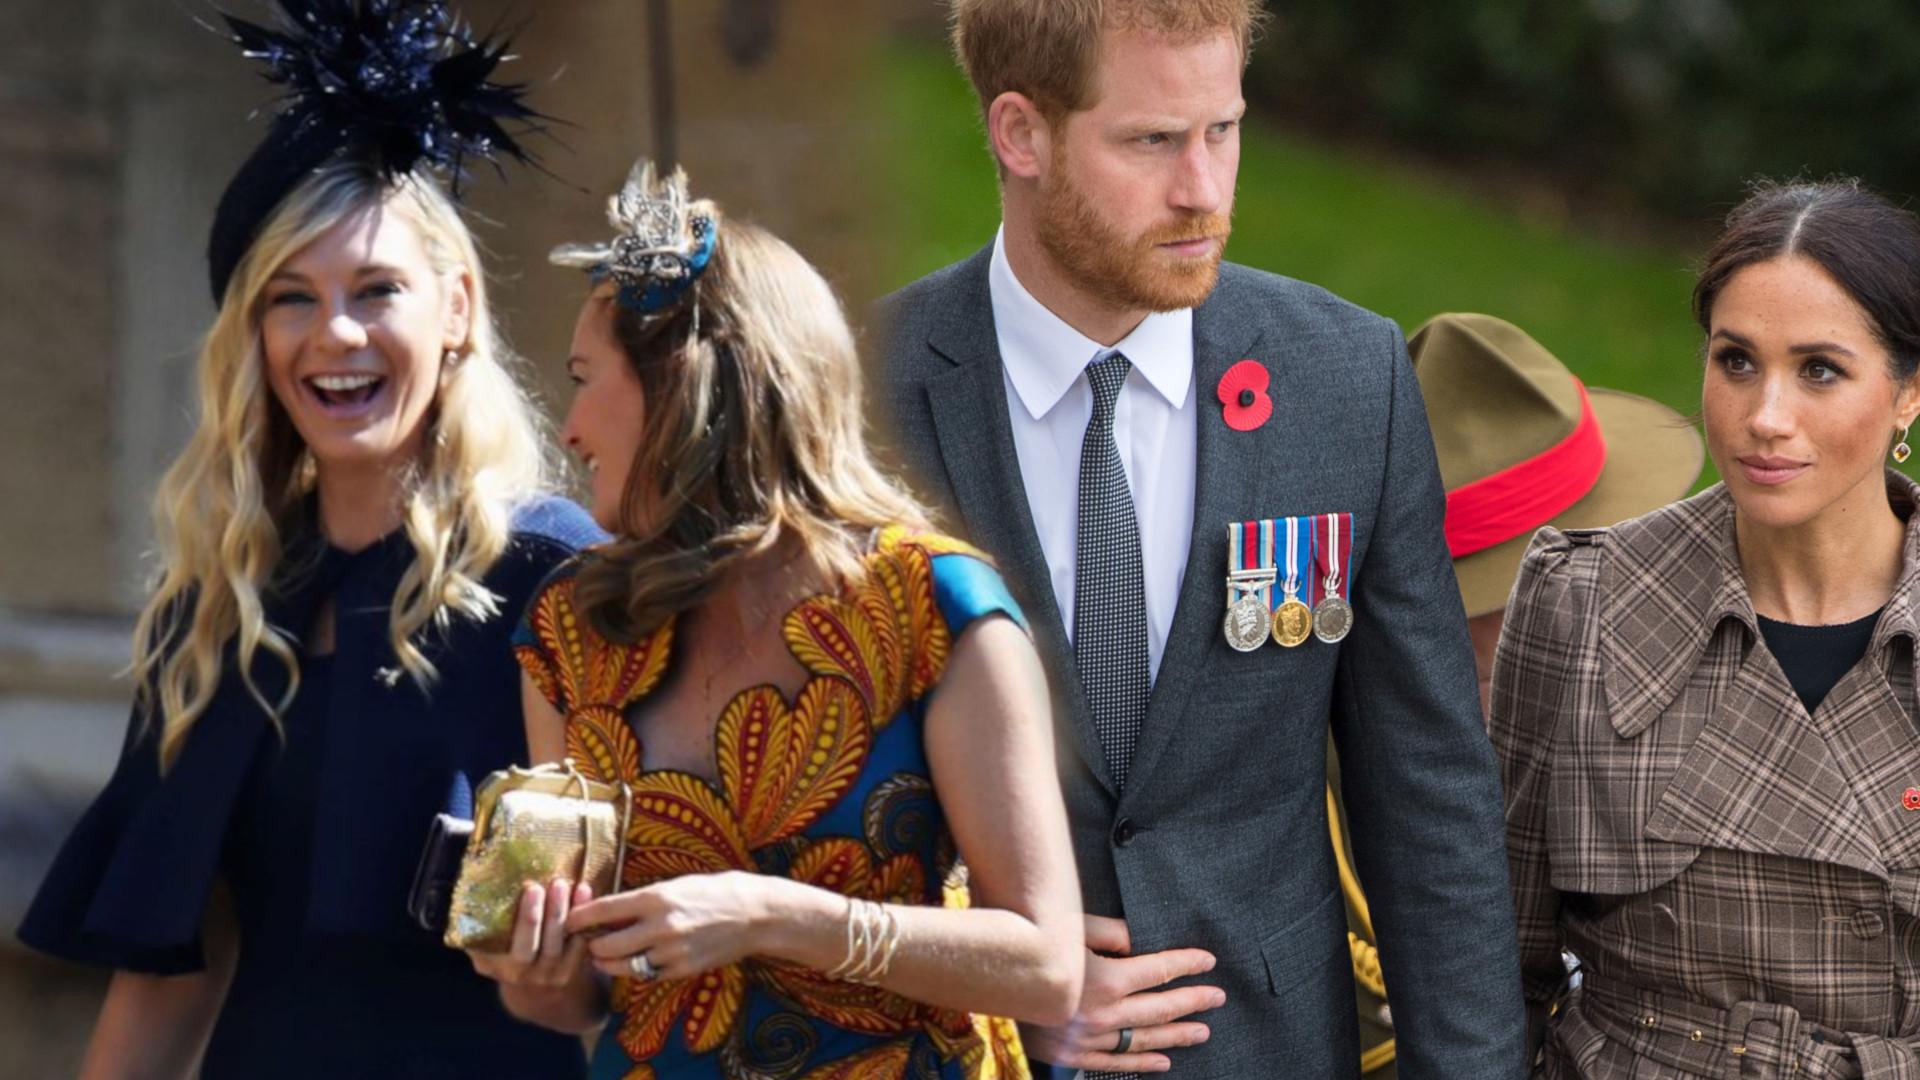 Chelsy Davy martwi się o księcia Harry'ego – przyleciała do Londynu